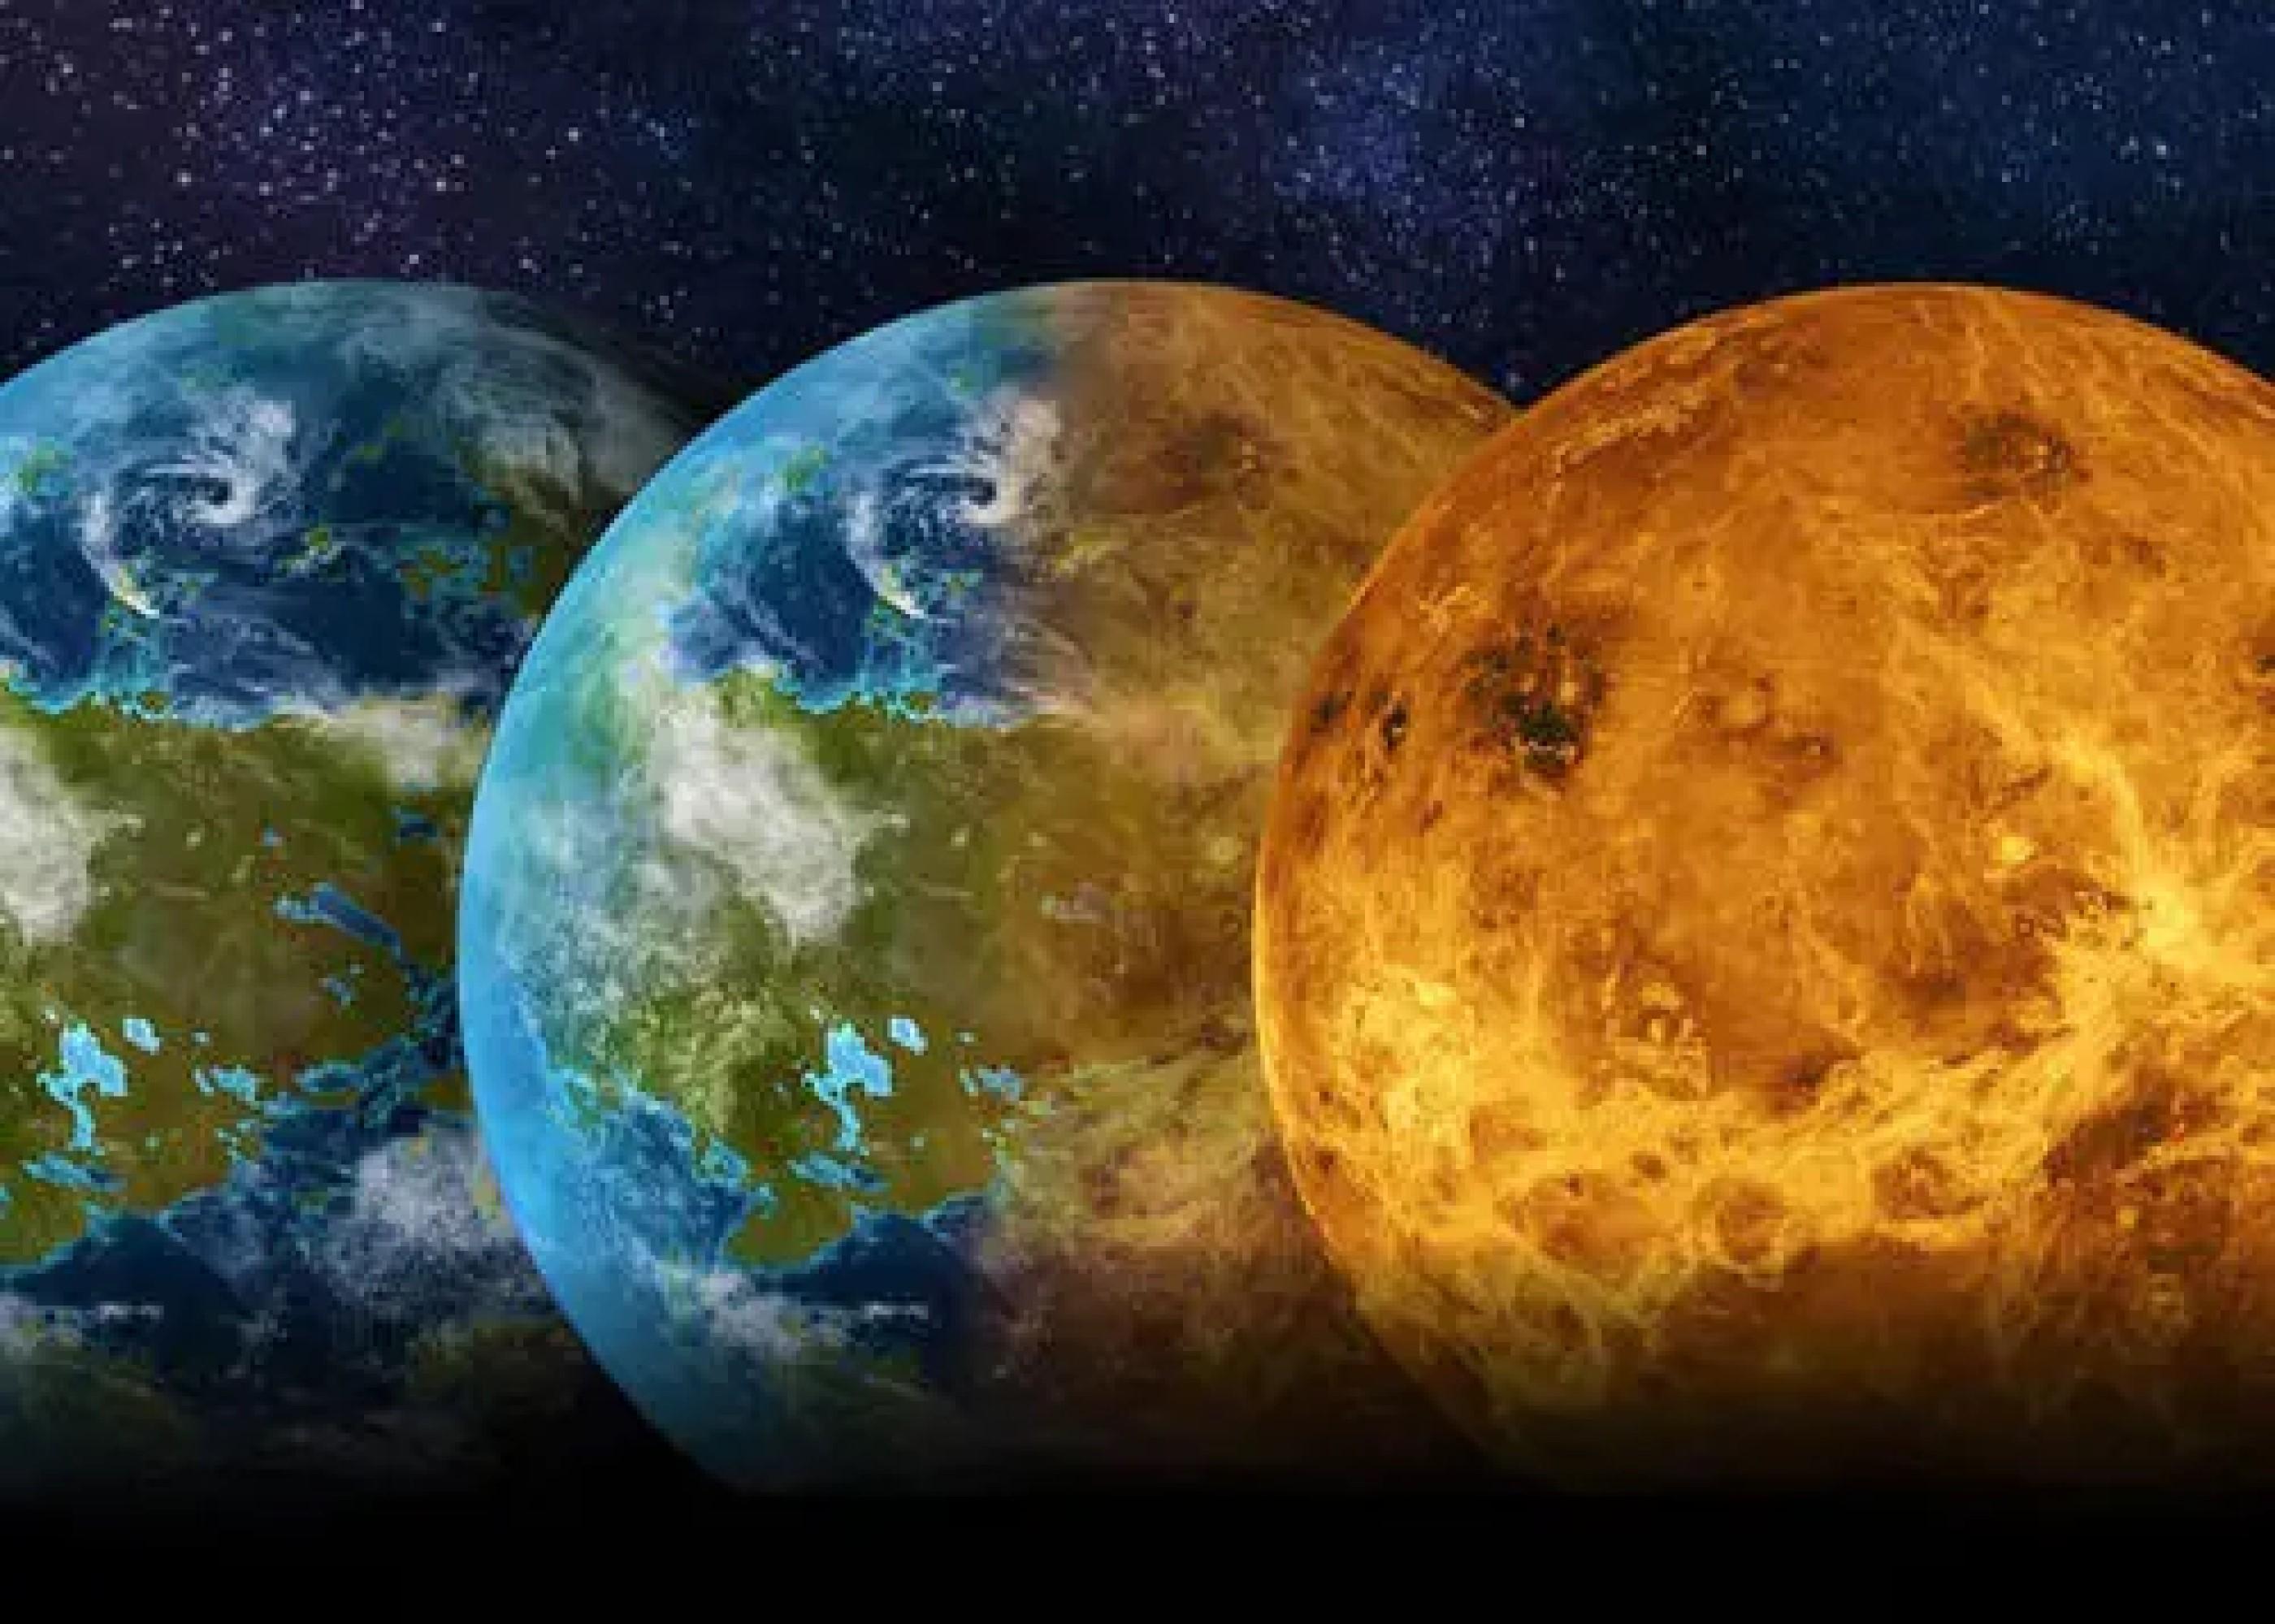 金星和火星的变迁,就是地球的今天和未来,人类将走向何方?